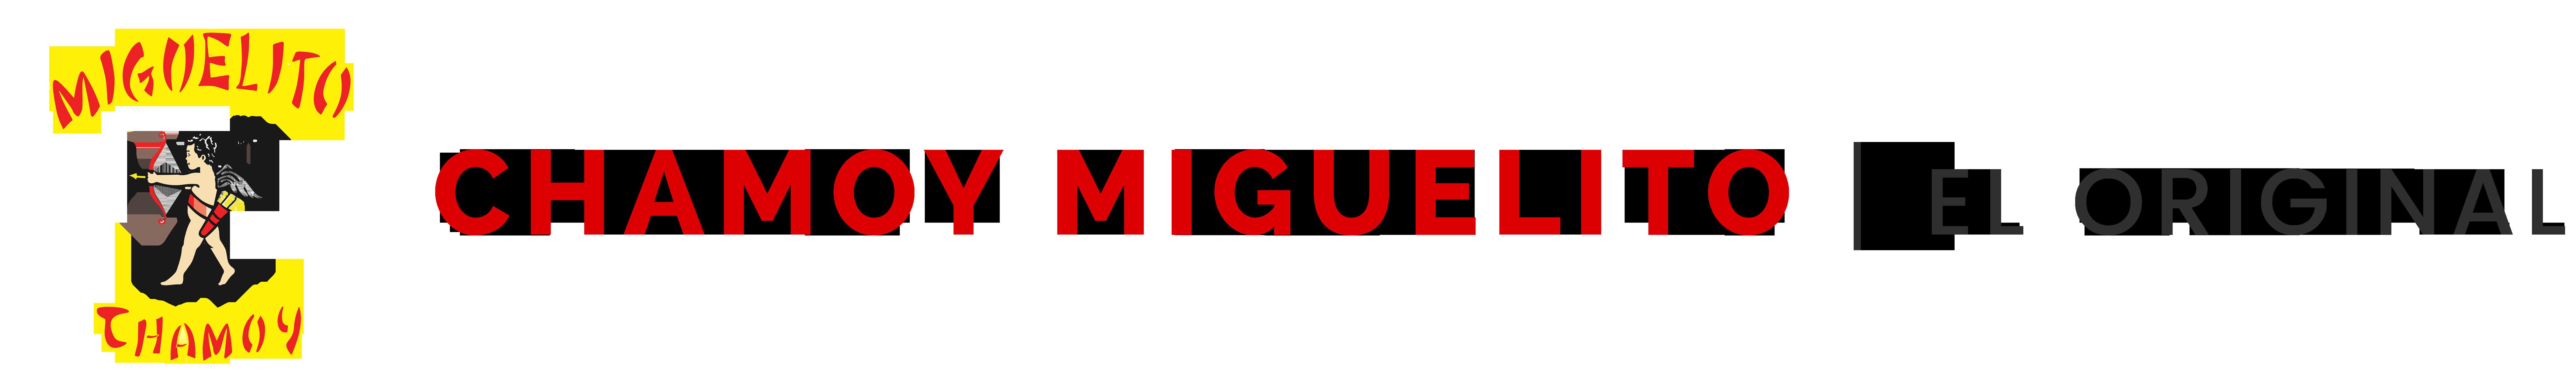 Chamoy Miguelito